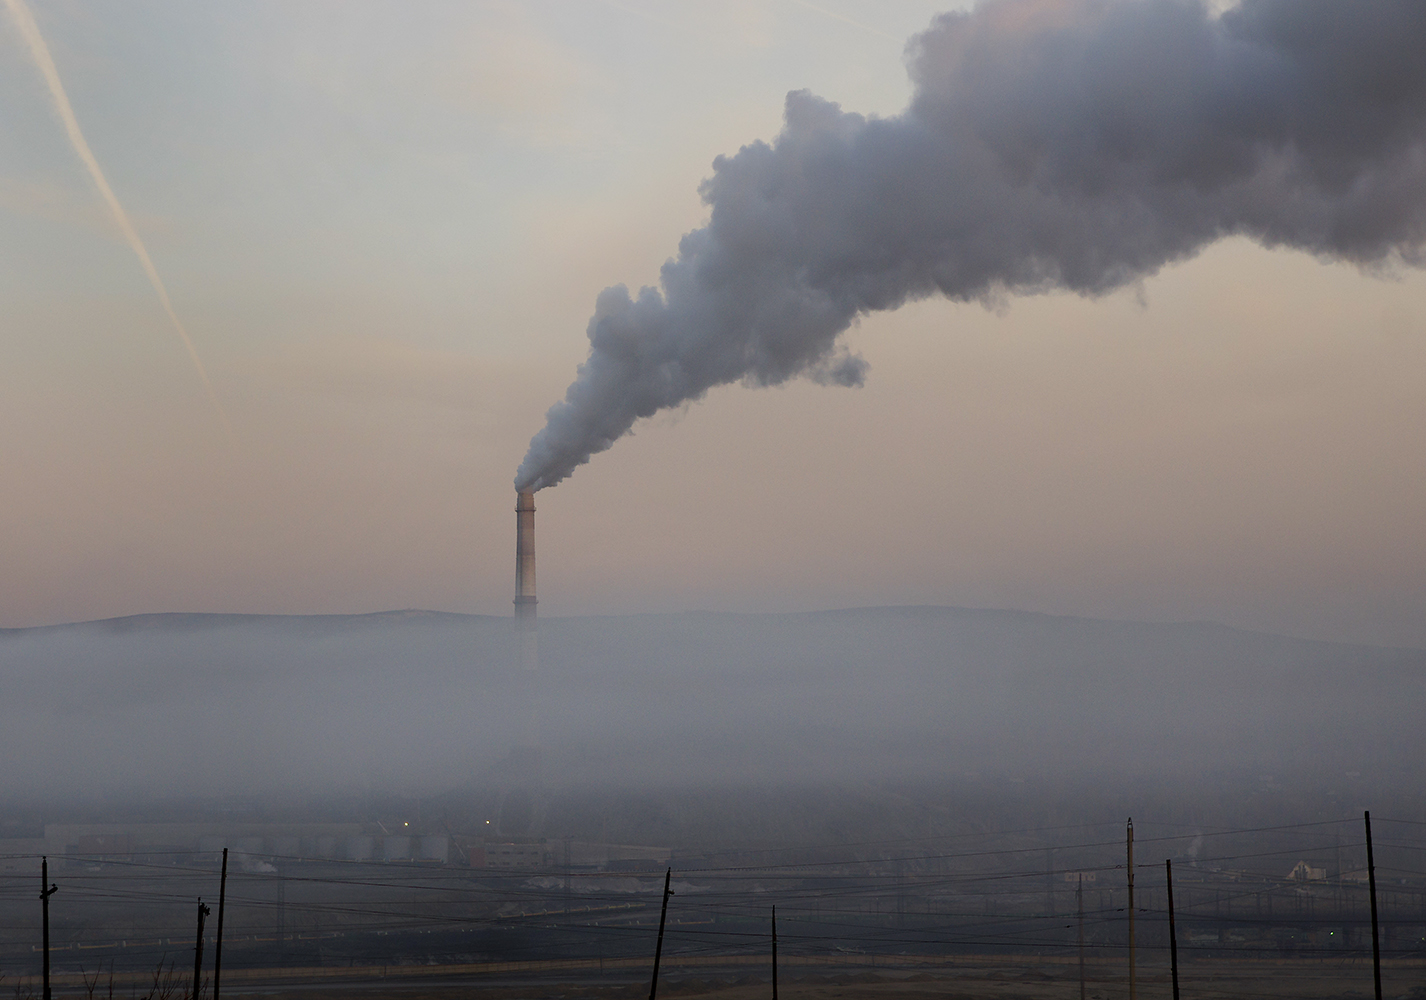 コンビナートは100年の間に、周辺の広大な地域にスラグをまき散らして焼き焦がした。年間180トン以上のガスを大気に排出し、それが酸性雨となって周辺地域に降り注ぐ。